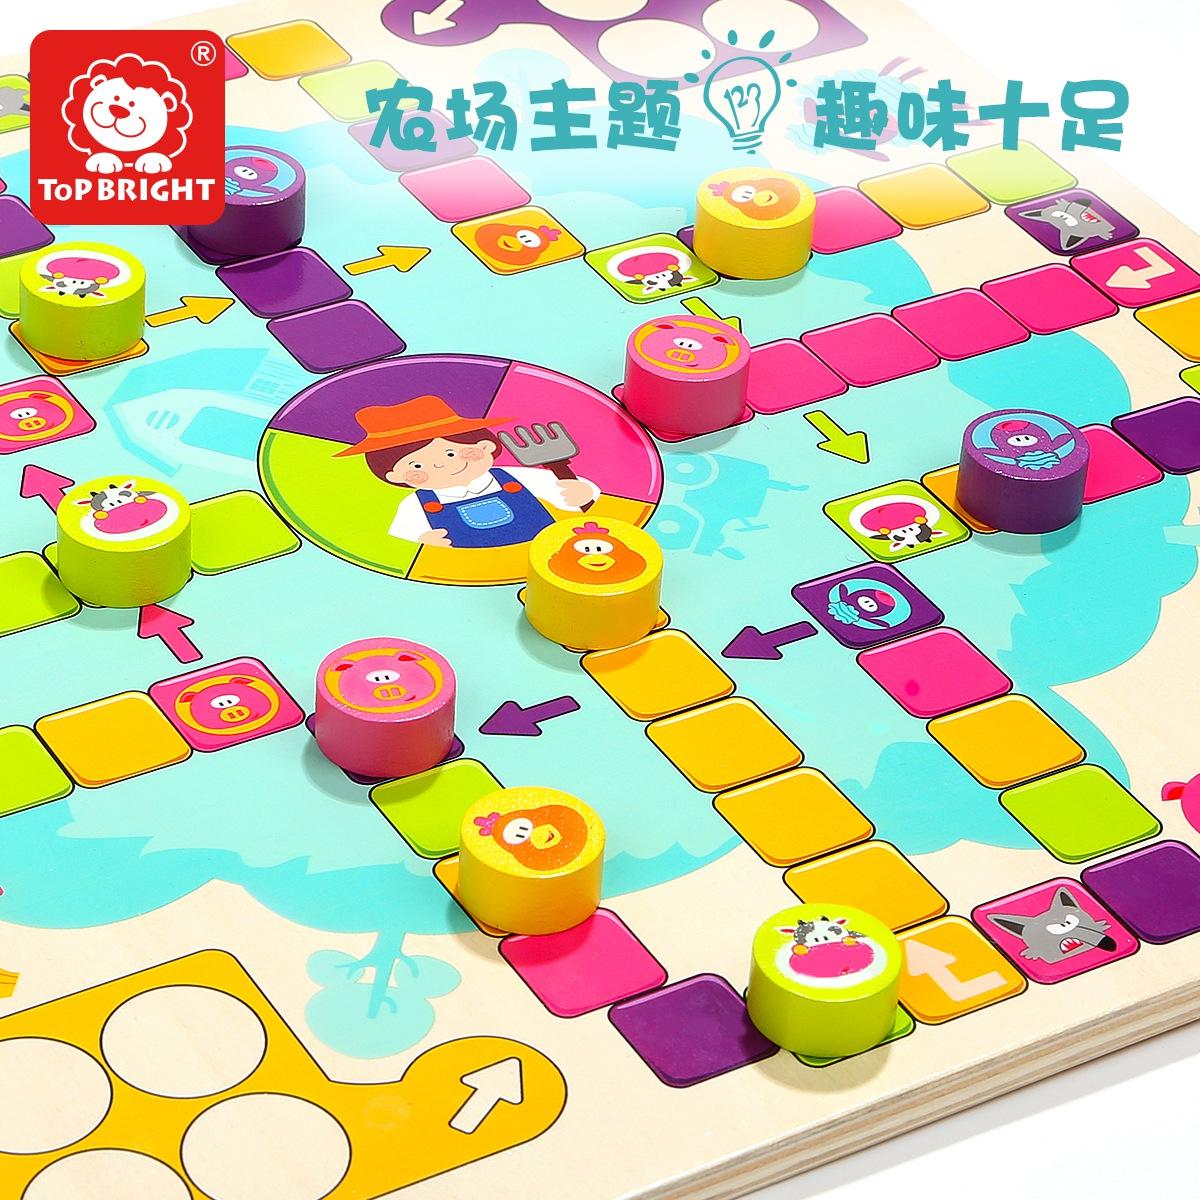 幼儿园桌游互动棋类益智玩具4-6岁儿童飞行棋亲子游戏跳跳棋盘